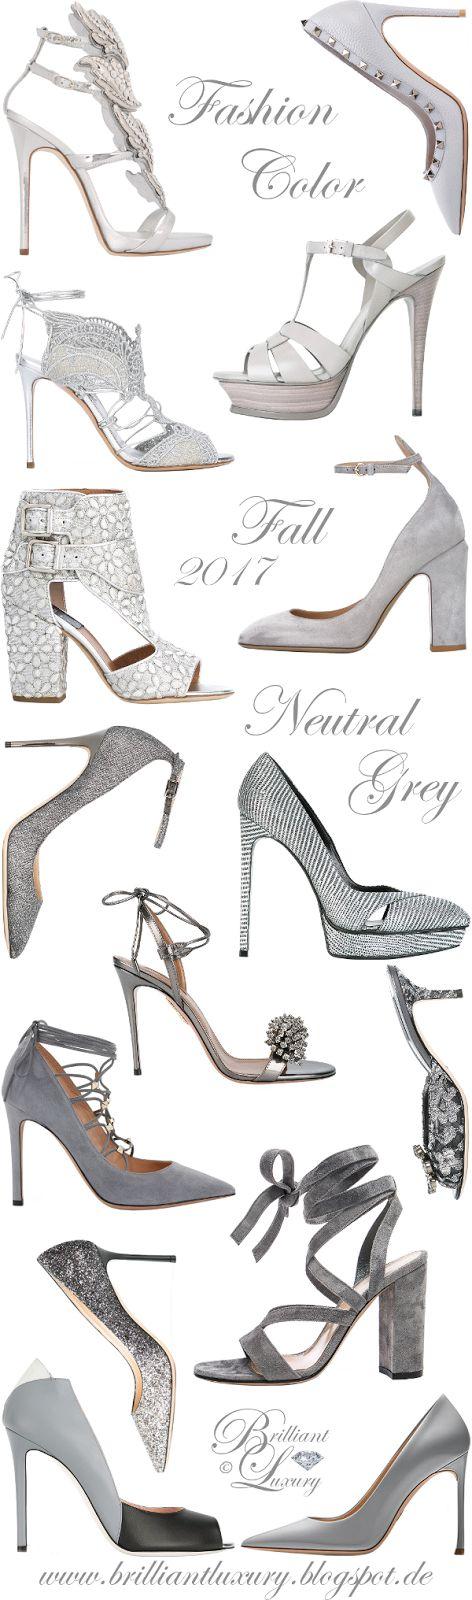 Brilliant Luxury by Emmy DE ♦ Fashion Color Fall 2017 ~ neutral grey ~ Part I